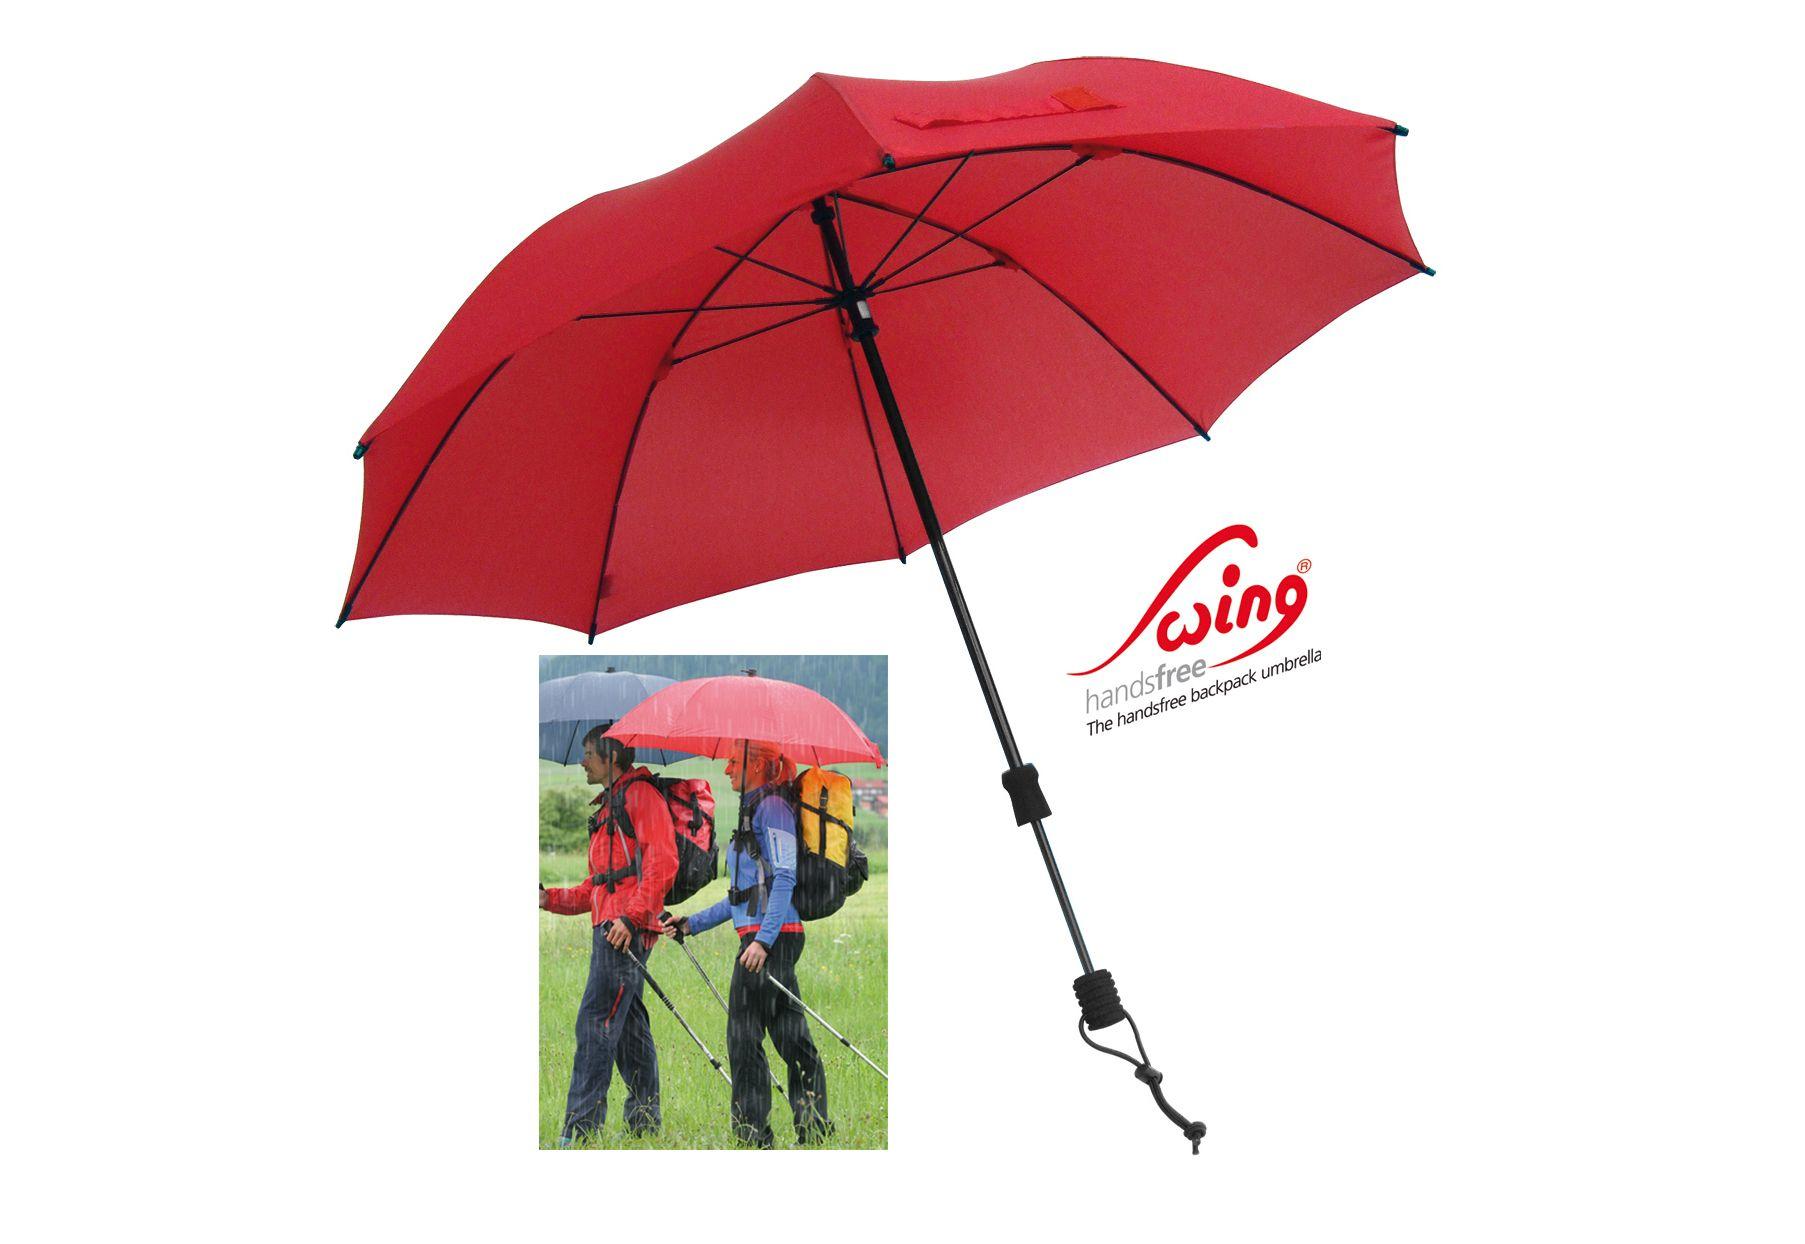 EUROSCHIRM® Euroschirm® Regenschirm, »Swing handsfree«